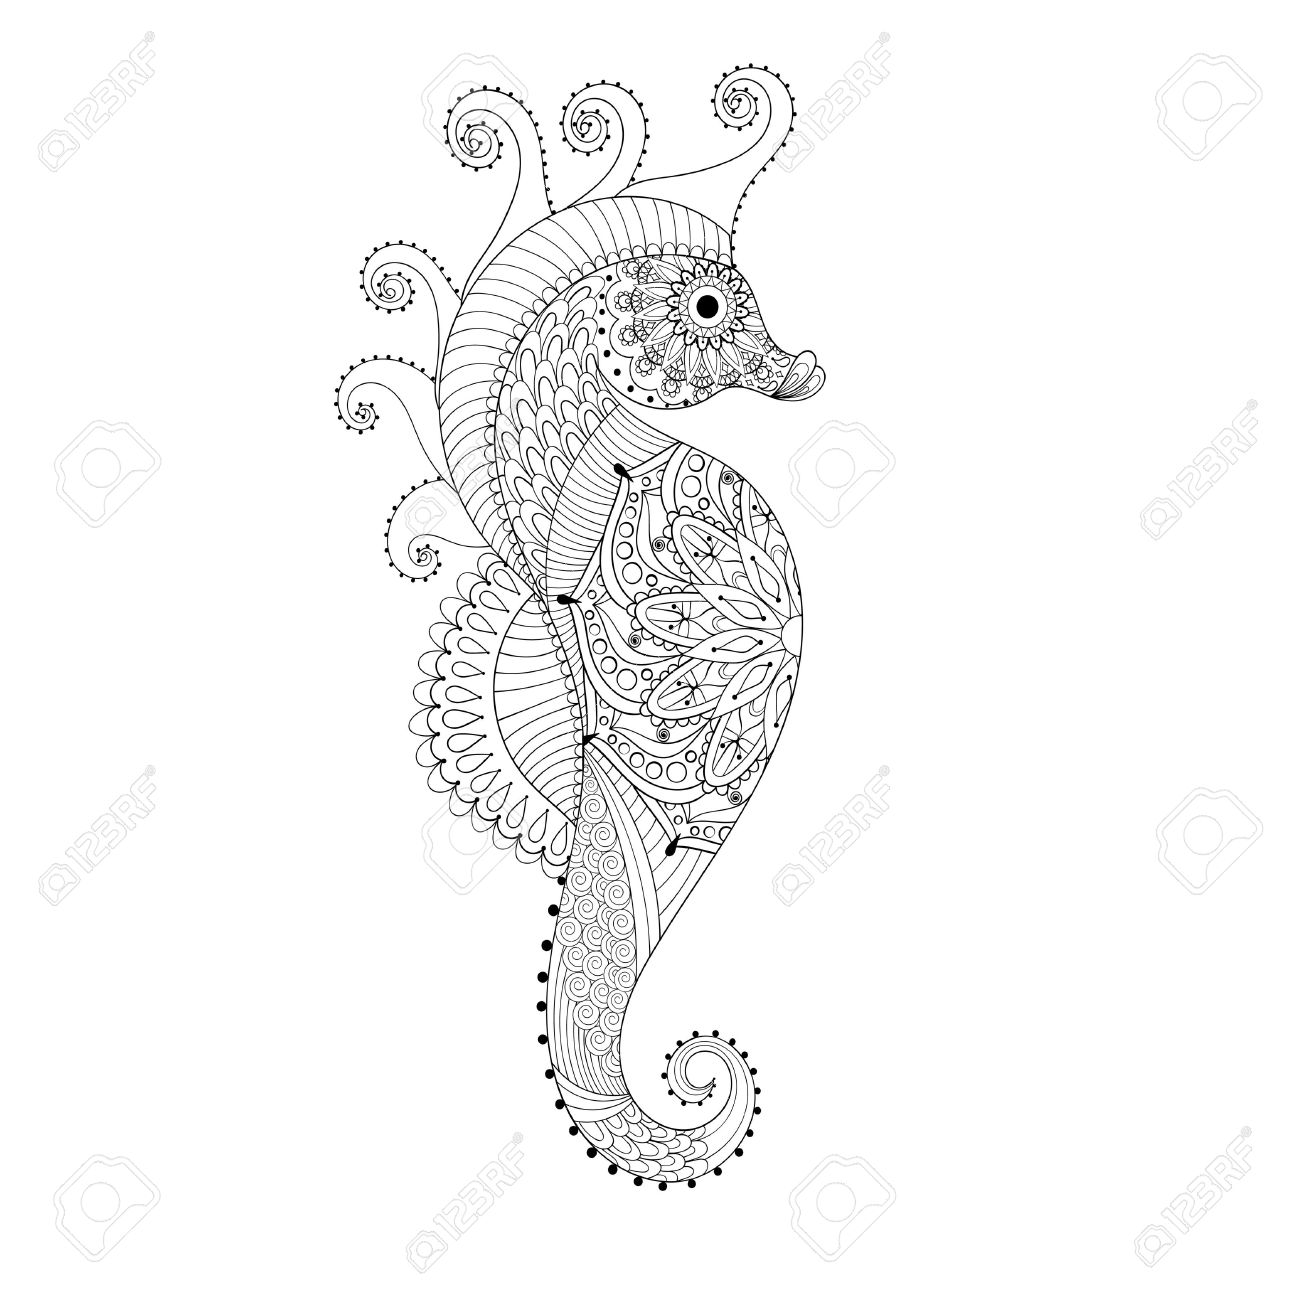 Hand Gezeichnet Sea Horse Für Erwachsene Malvorlagen In Doodle ...